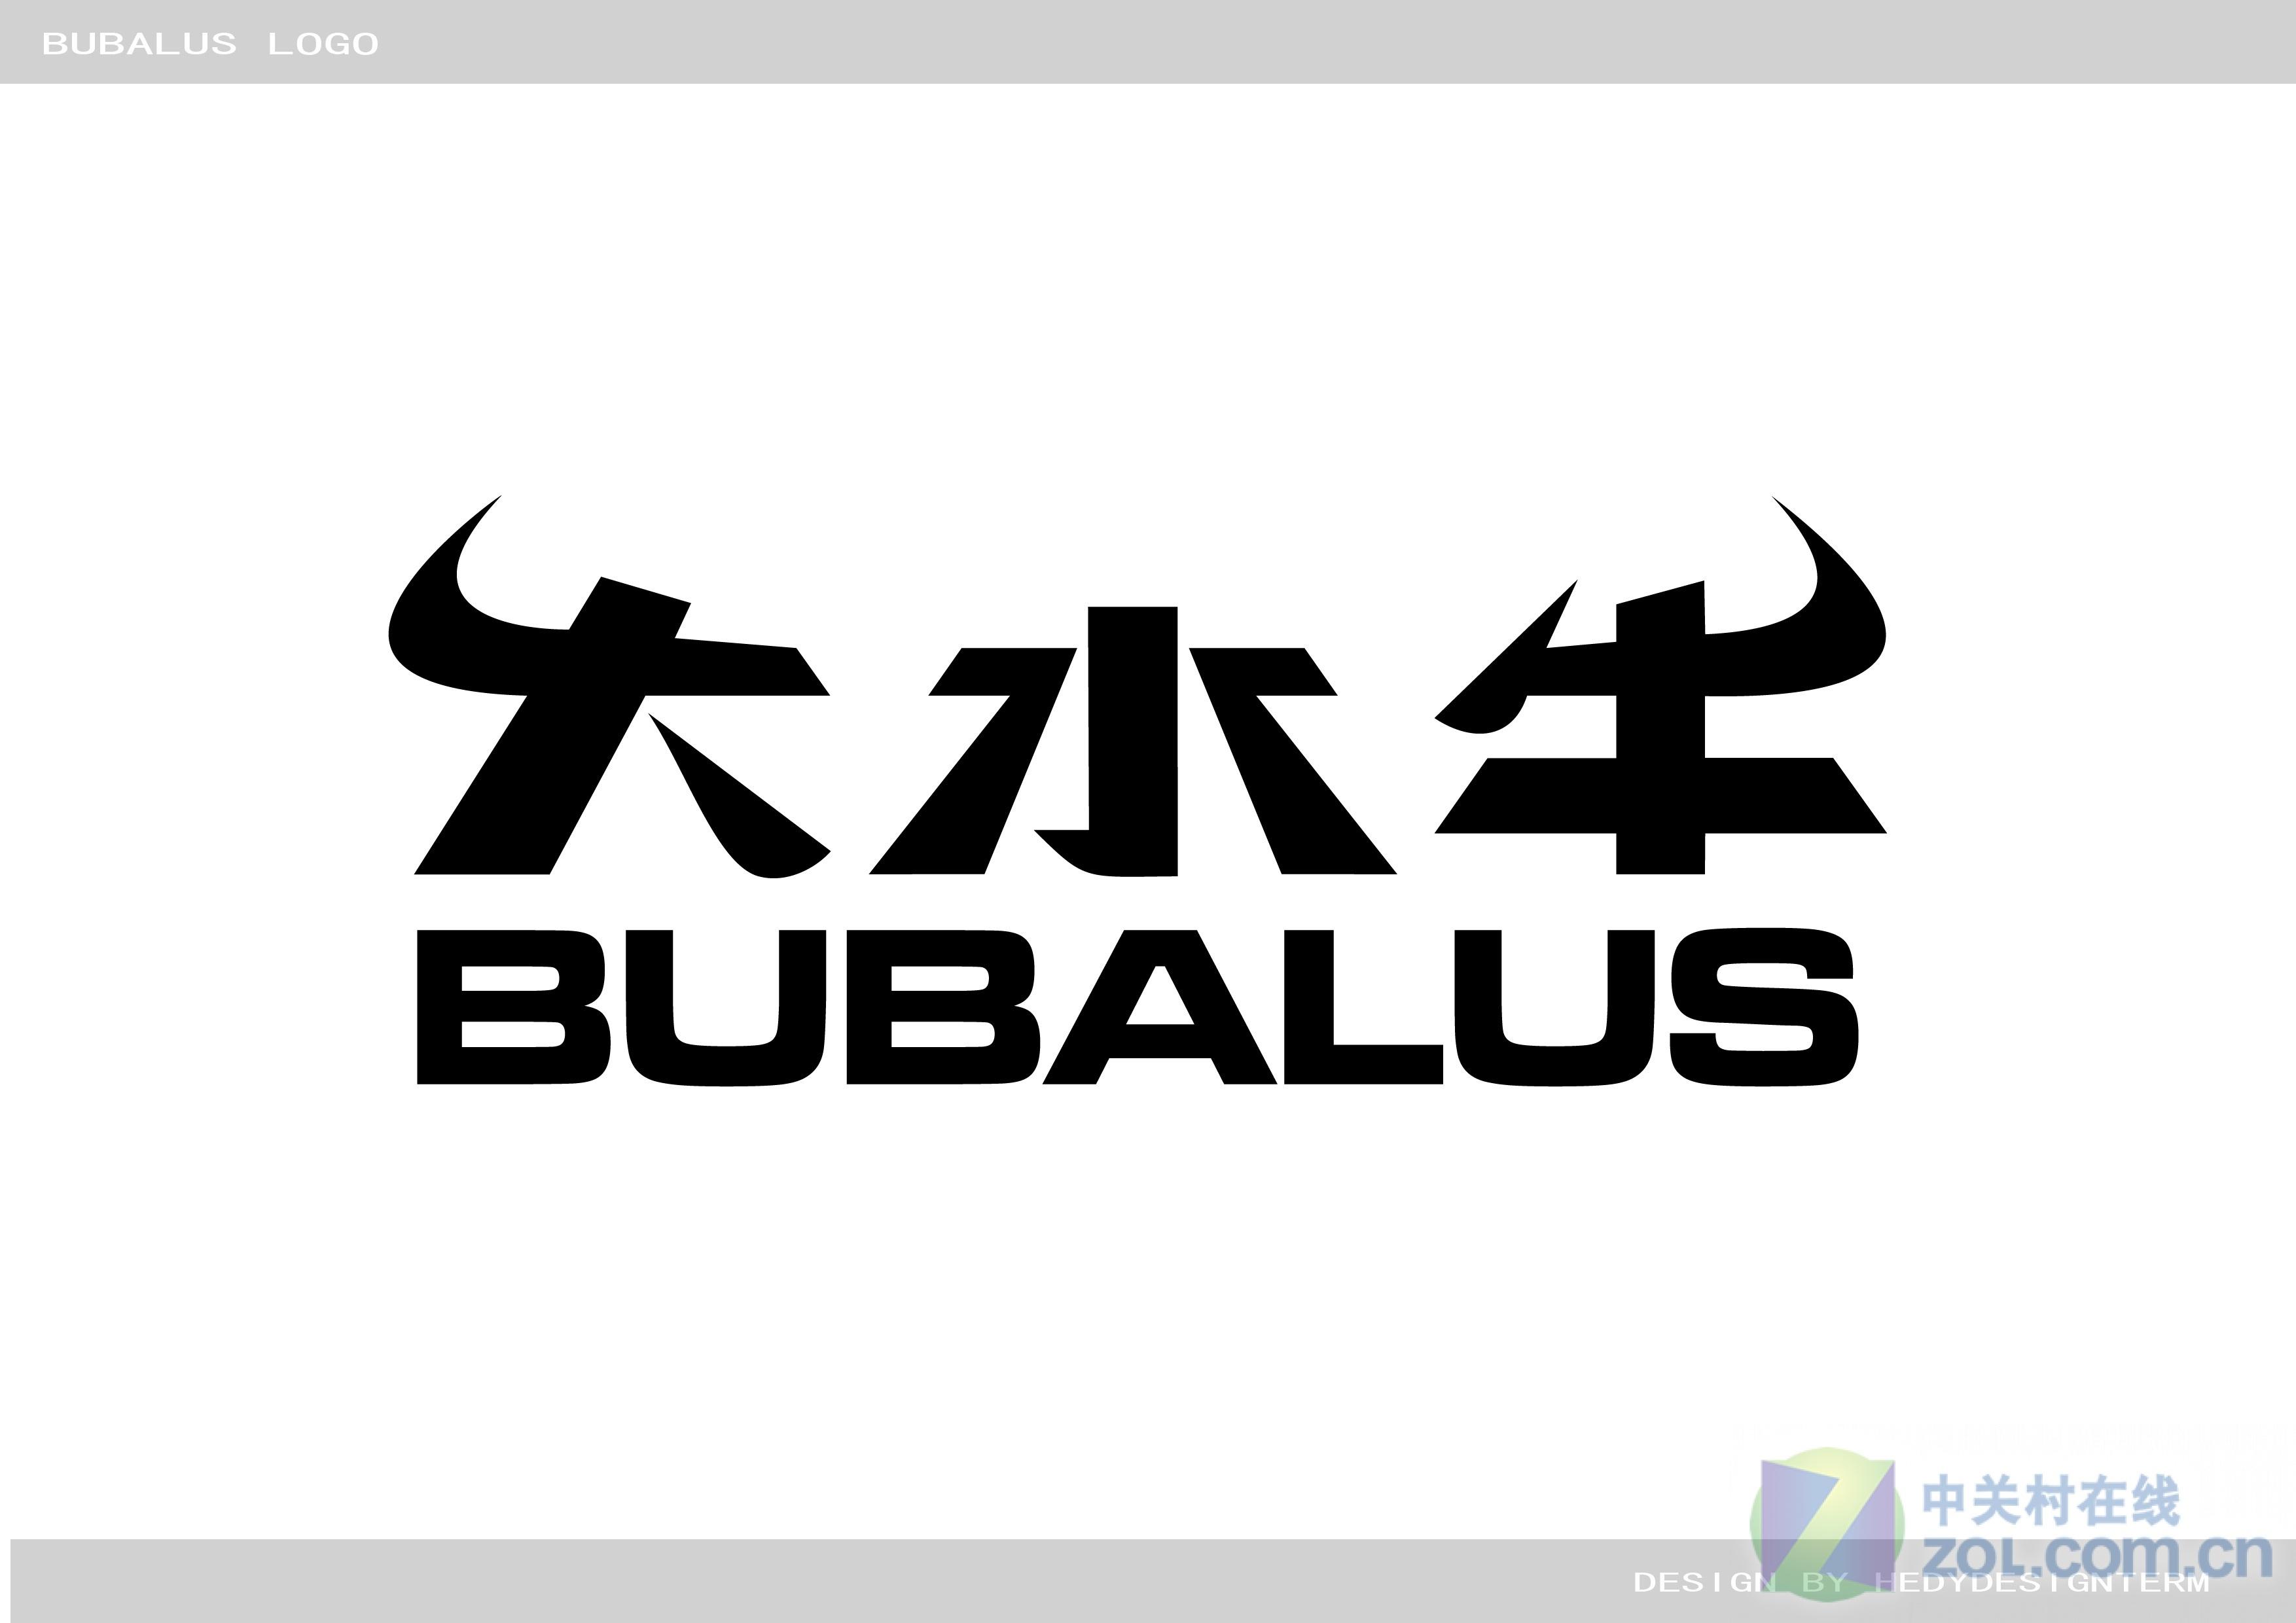 服装店logo图片欣赏图片大全 国外标识牌看板精典图片欣赏